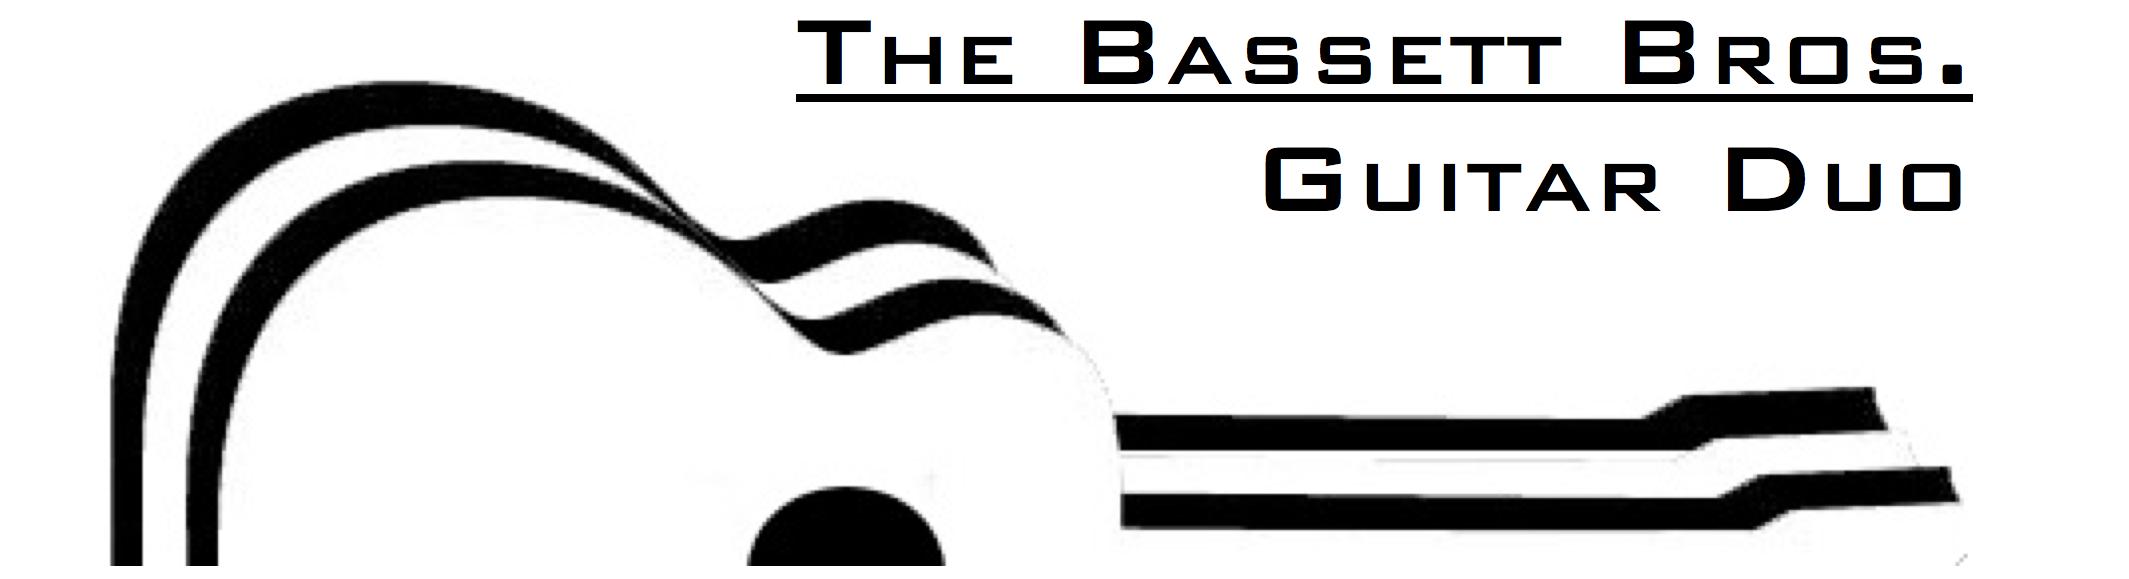 THE BASSETT BROS.  logo